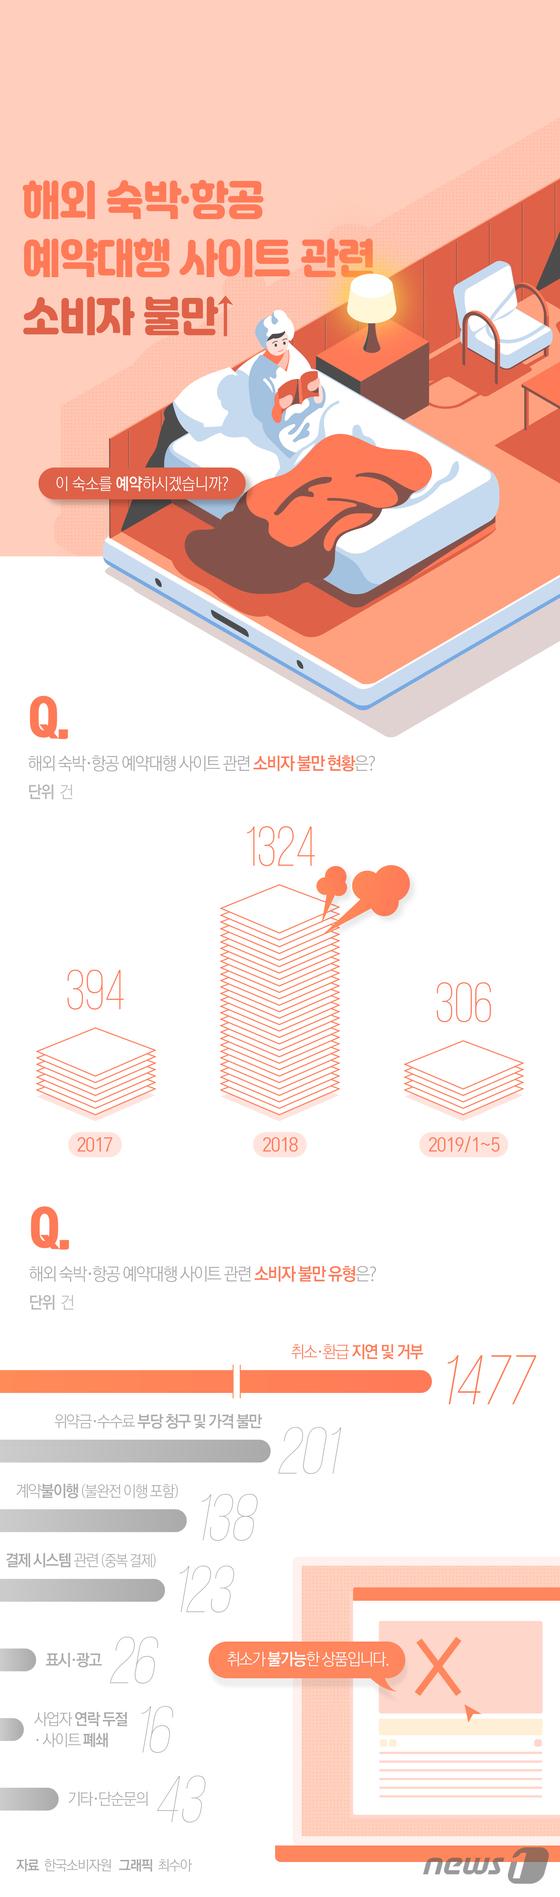 [그래픽뉴스] 해외 숙박·항공 예약대행 사이트 관련 소비자 불만↑